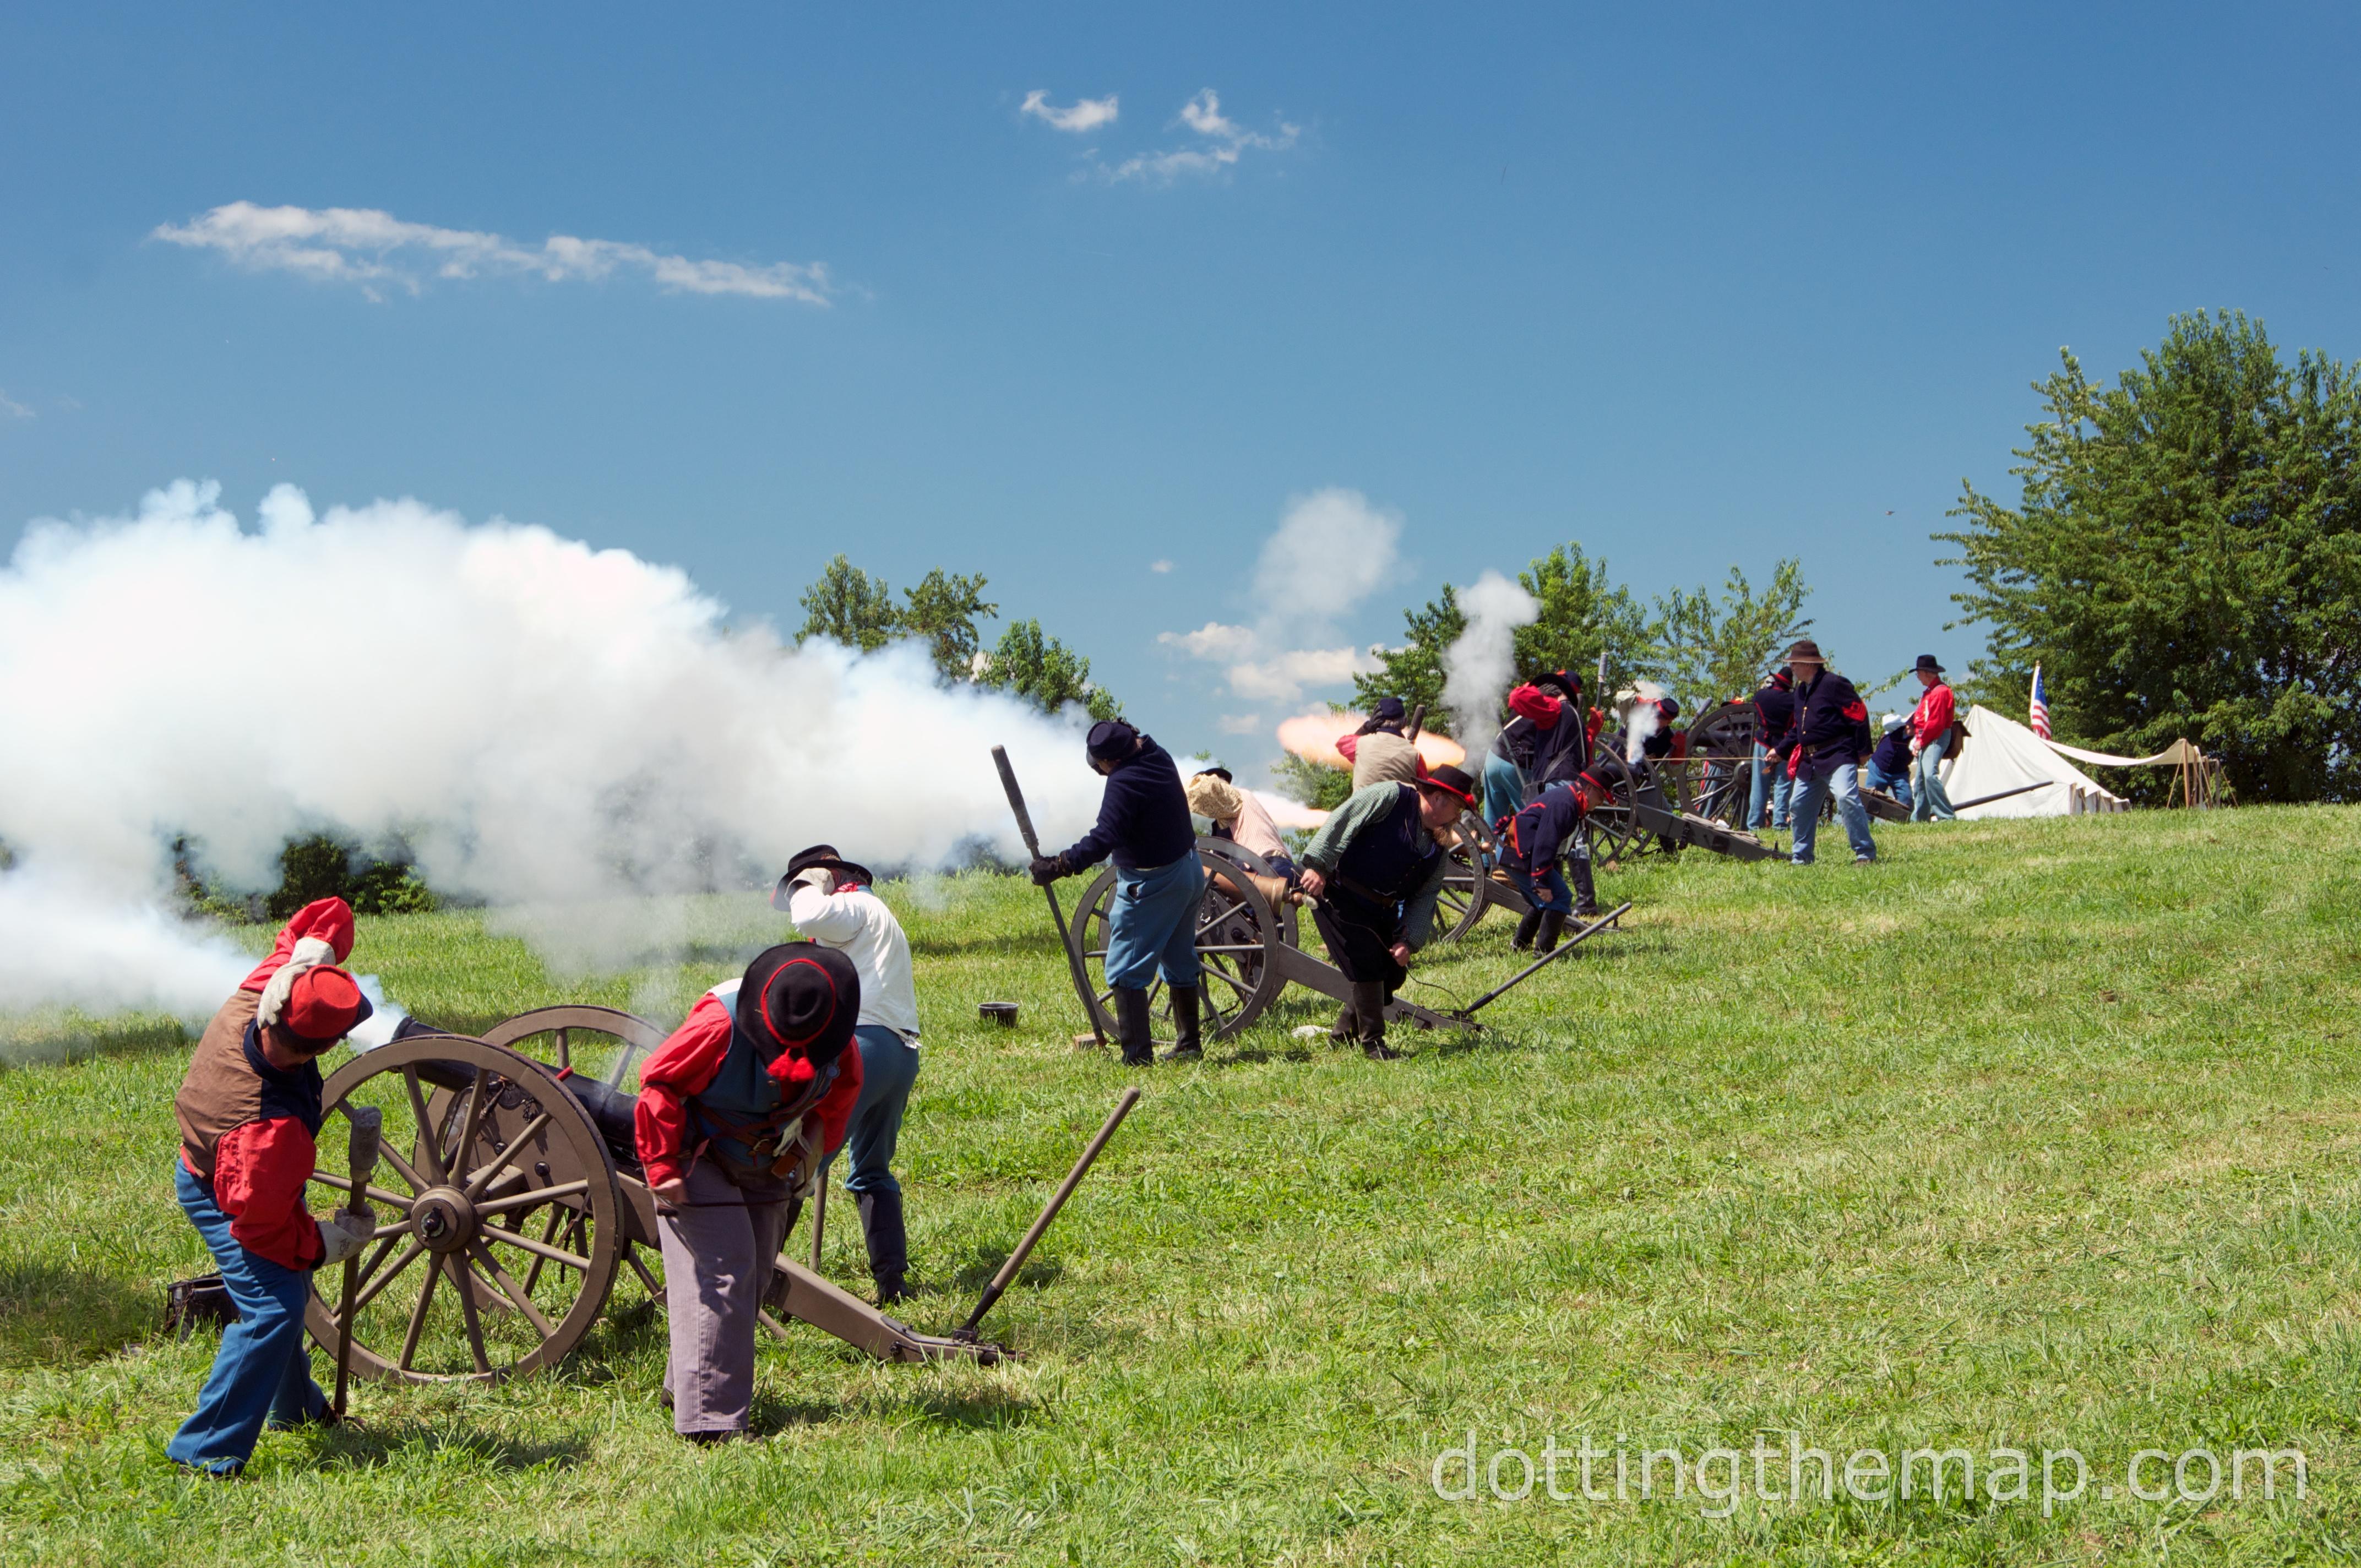 Battle of Richmond civil war